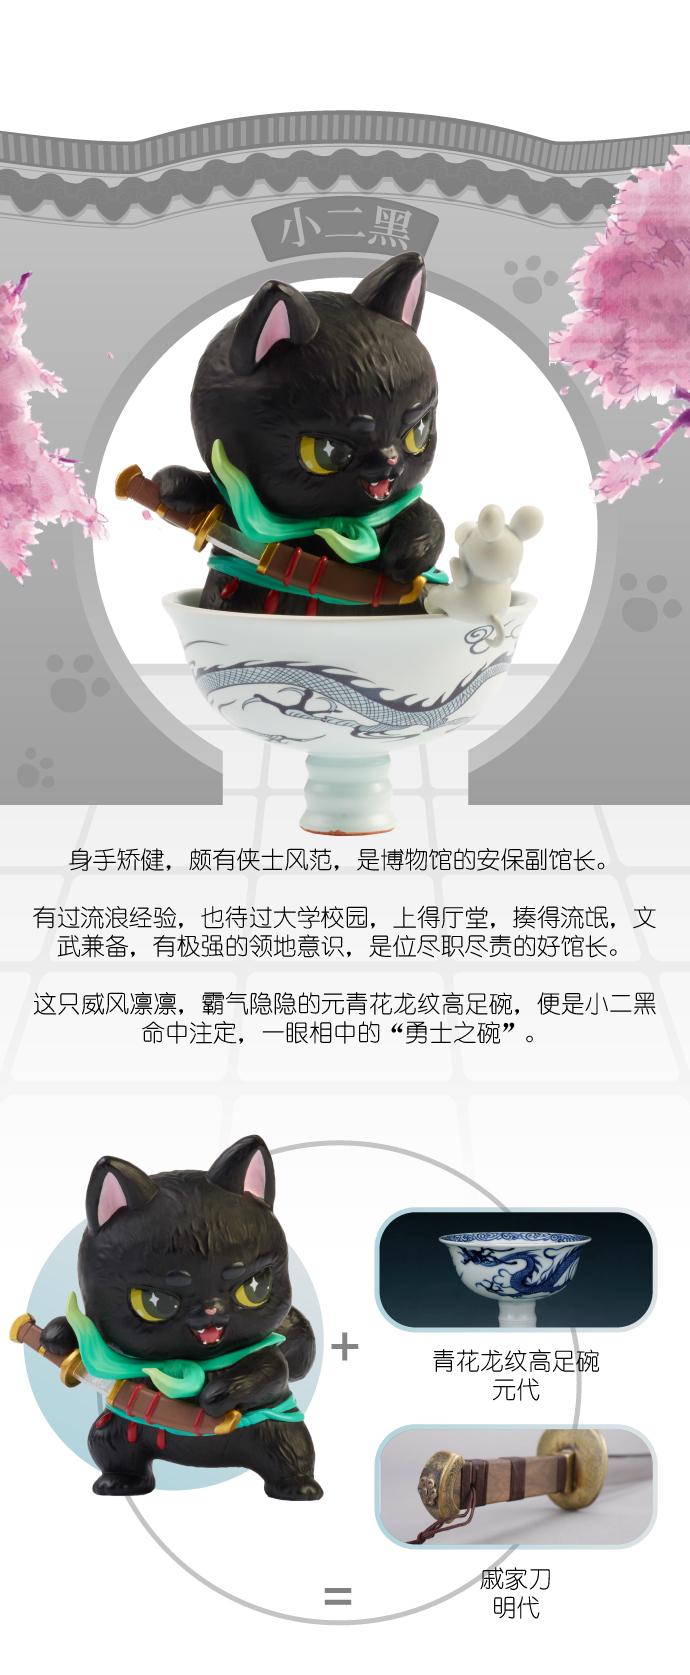 200918观复猫页面V1-07.jpg